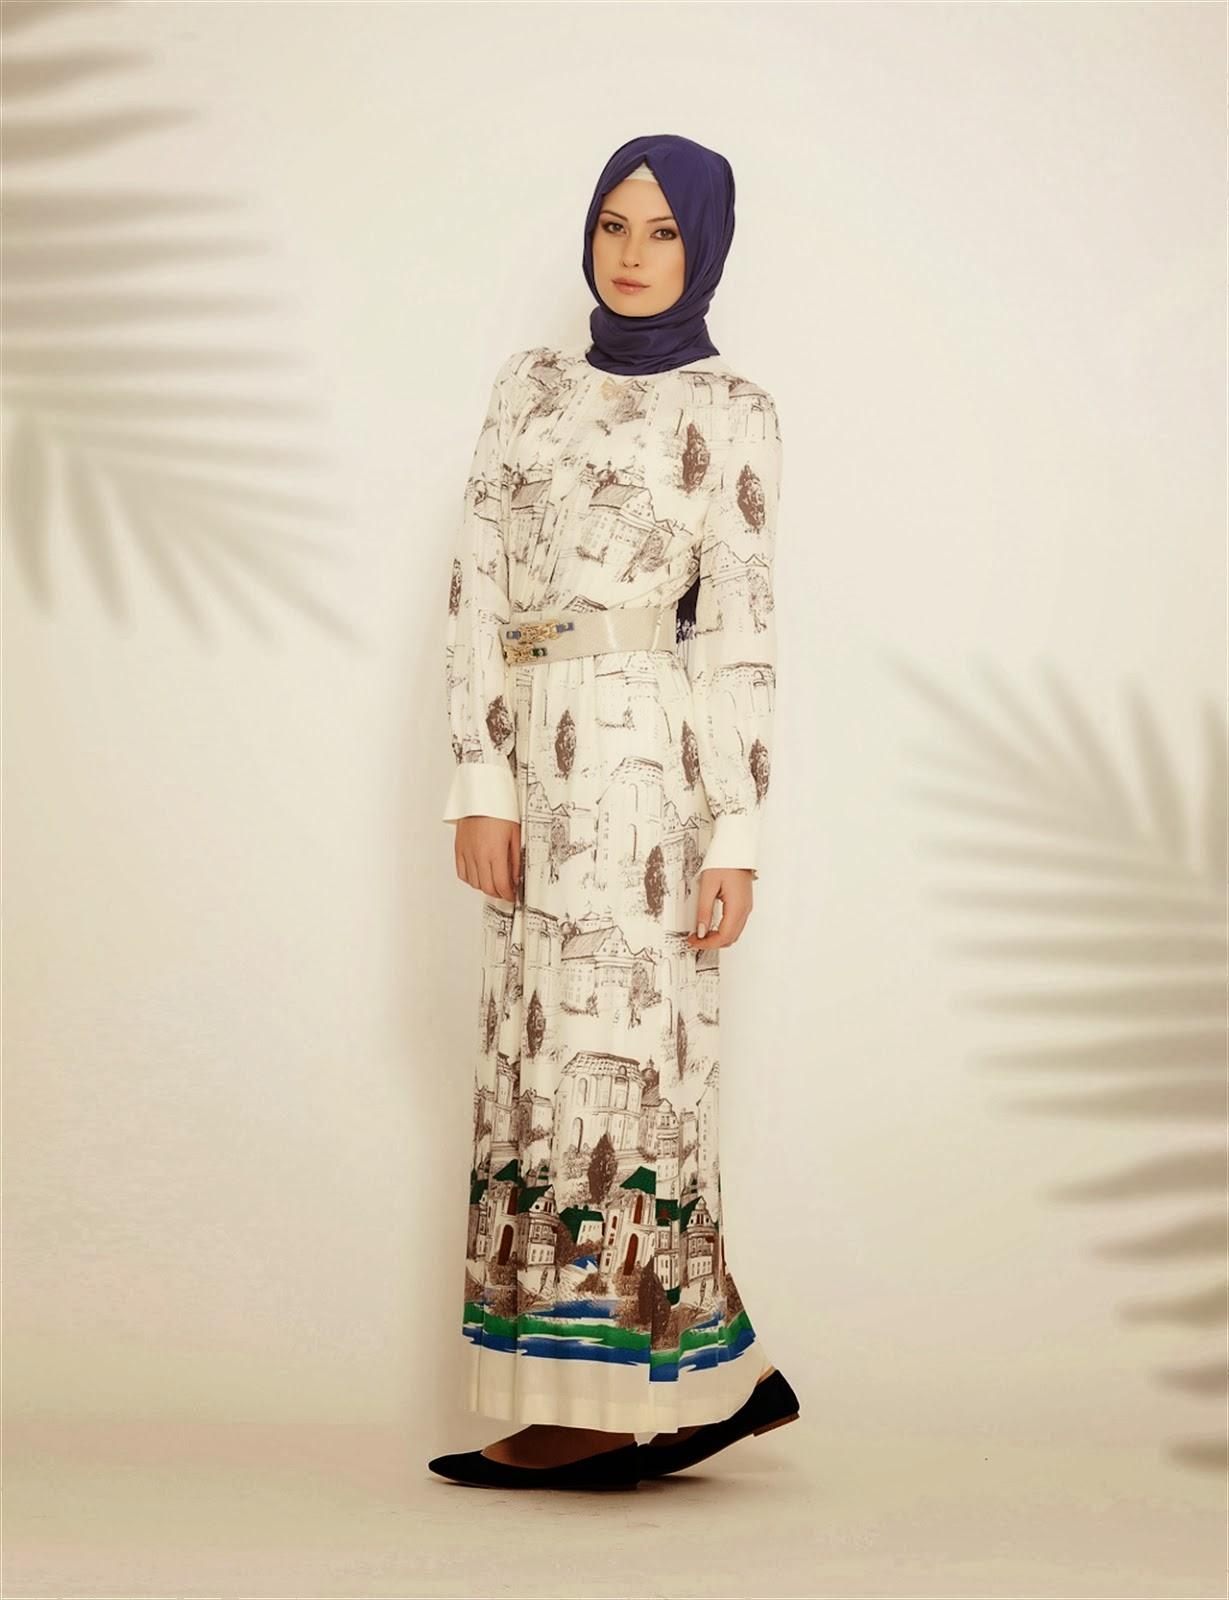 صورة احدث لبس للعيد 2019 , مناسبة جميله ووقت اروع